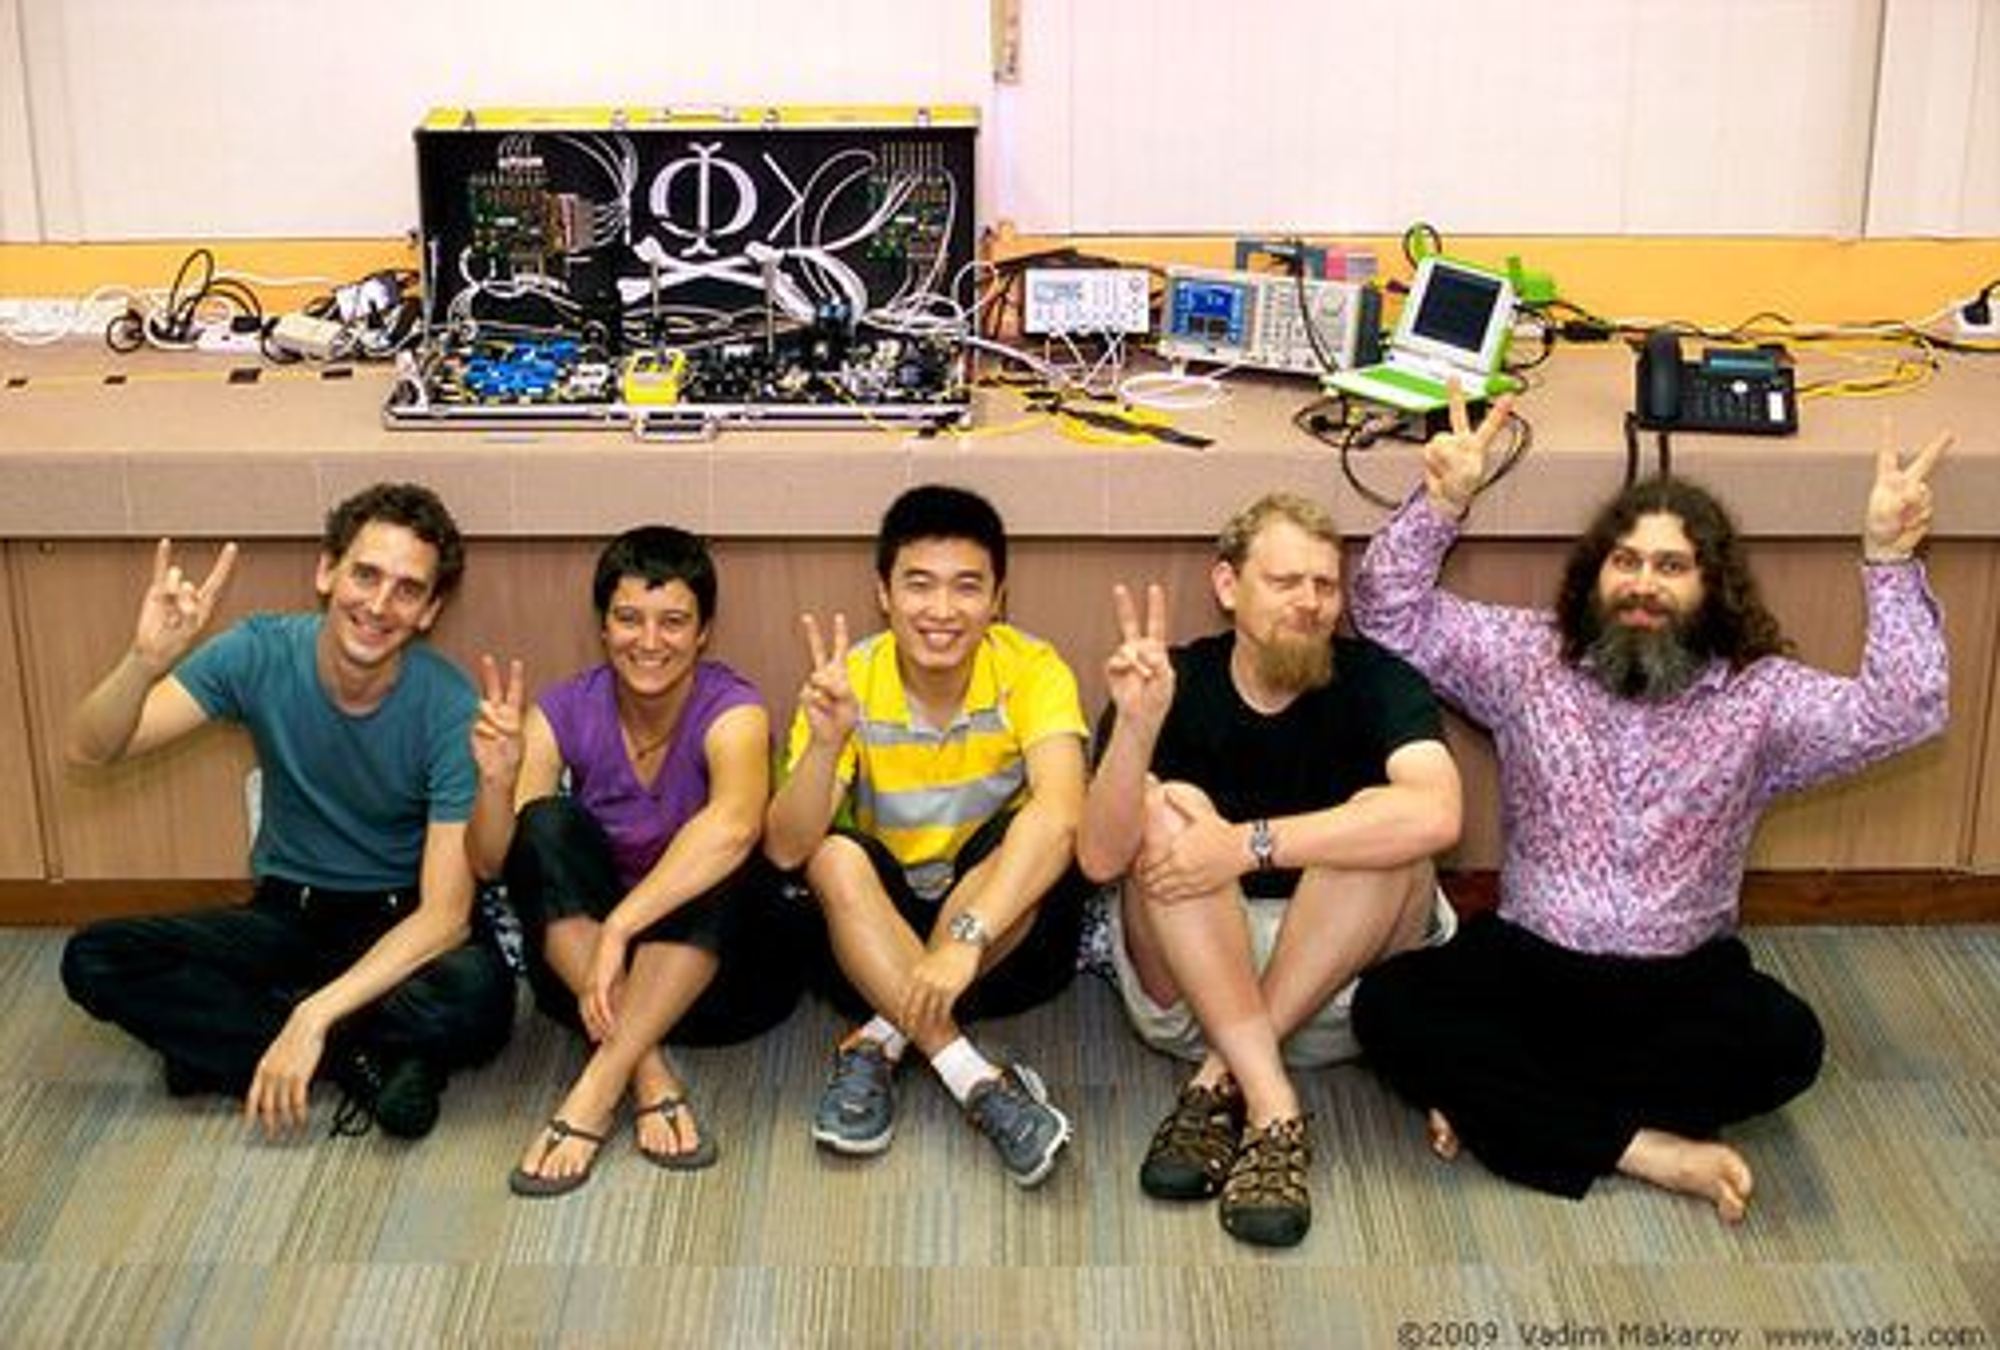 Forskerteamet som gjennomførte avlytting av en kvartekryptert forbindelse. Fra venstre Ilja Gerhardt, Antía Lamas-Linares, Qin Liu, Christian Kurtsiefer og Vadim Makarov. Utstyret som ble brukt vises i bakgrunnen.